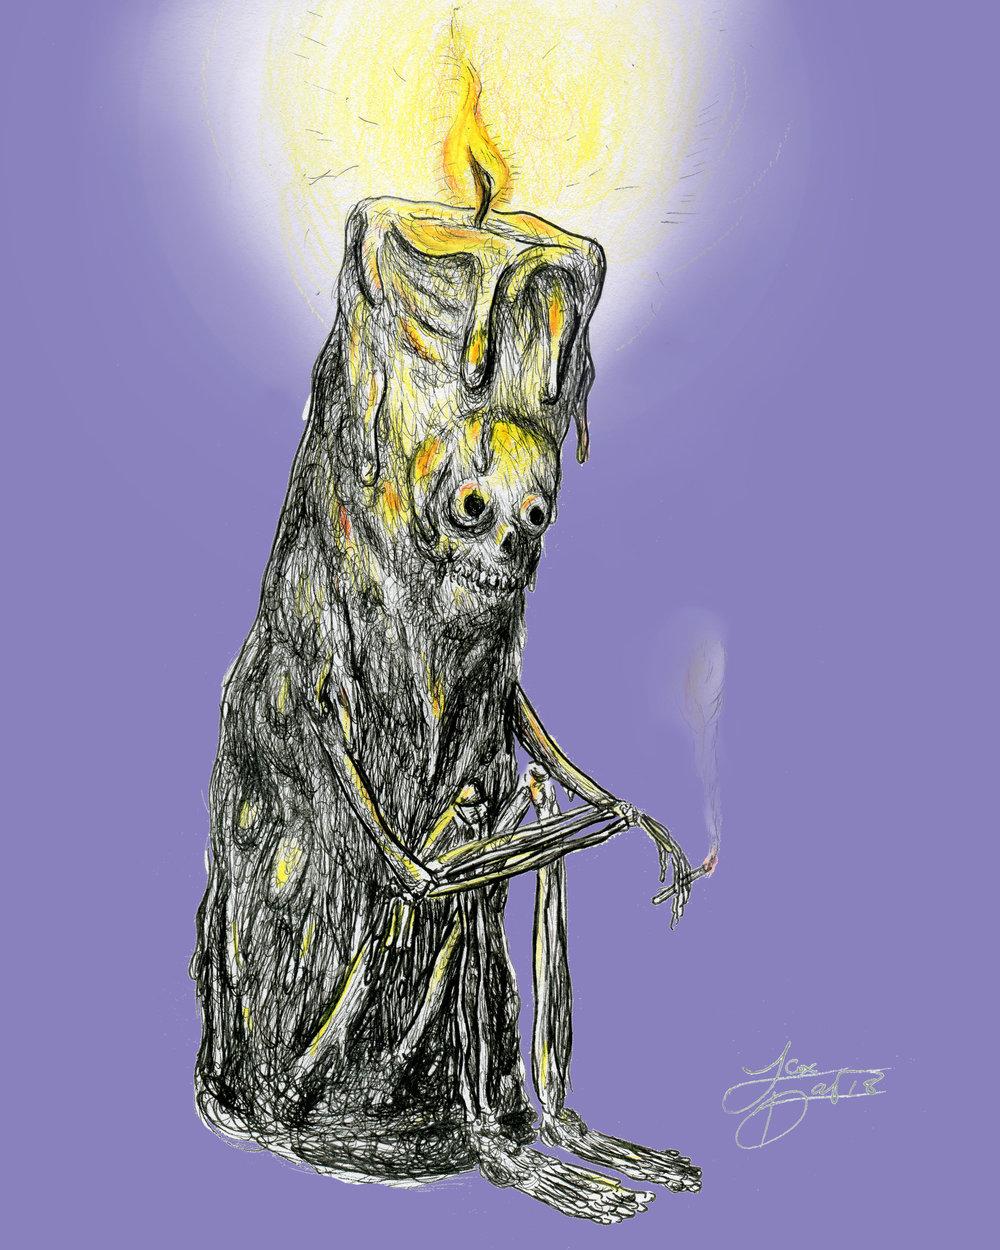 Candle Creep